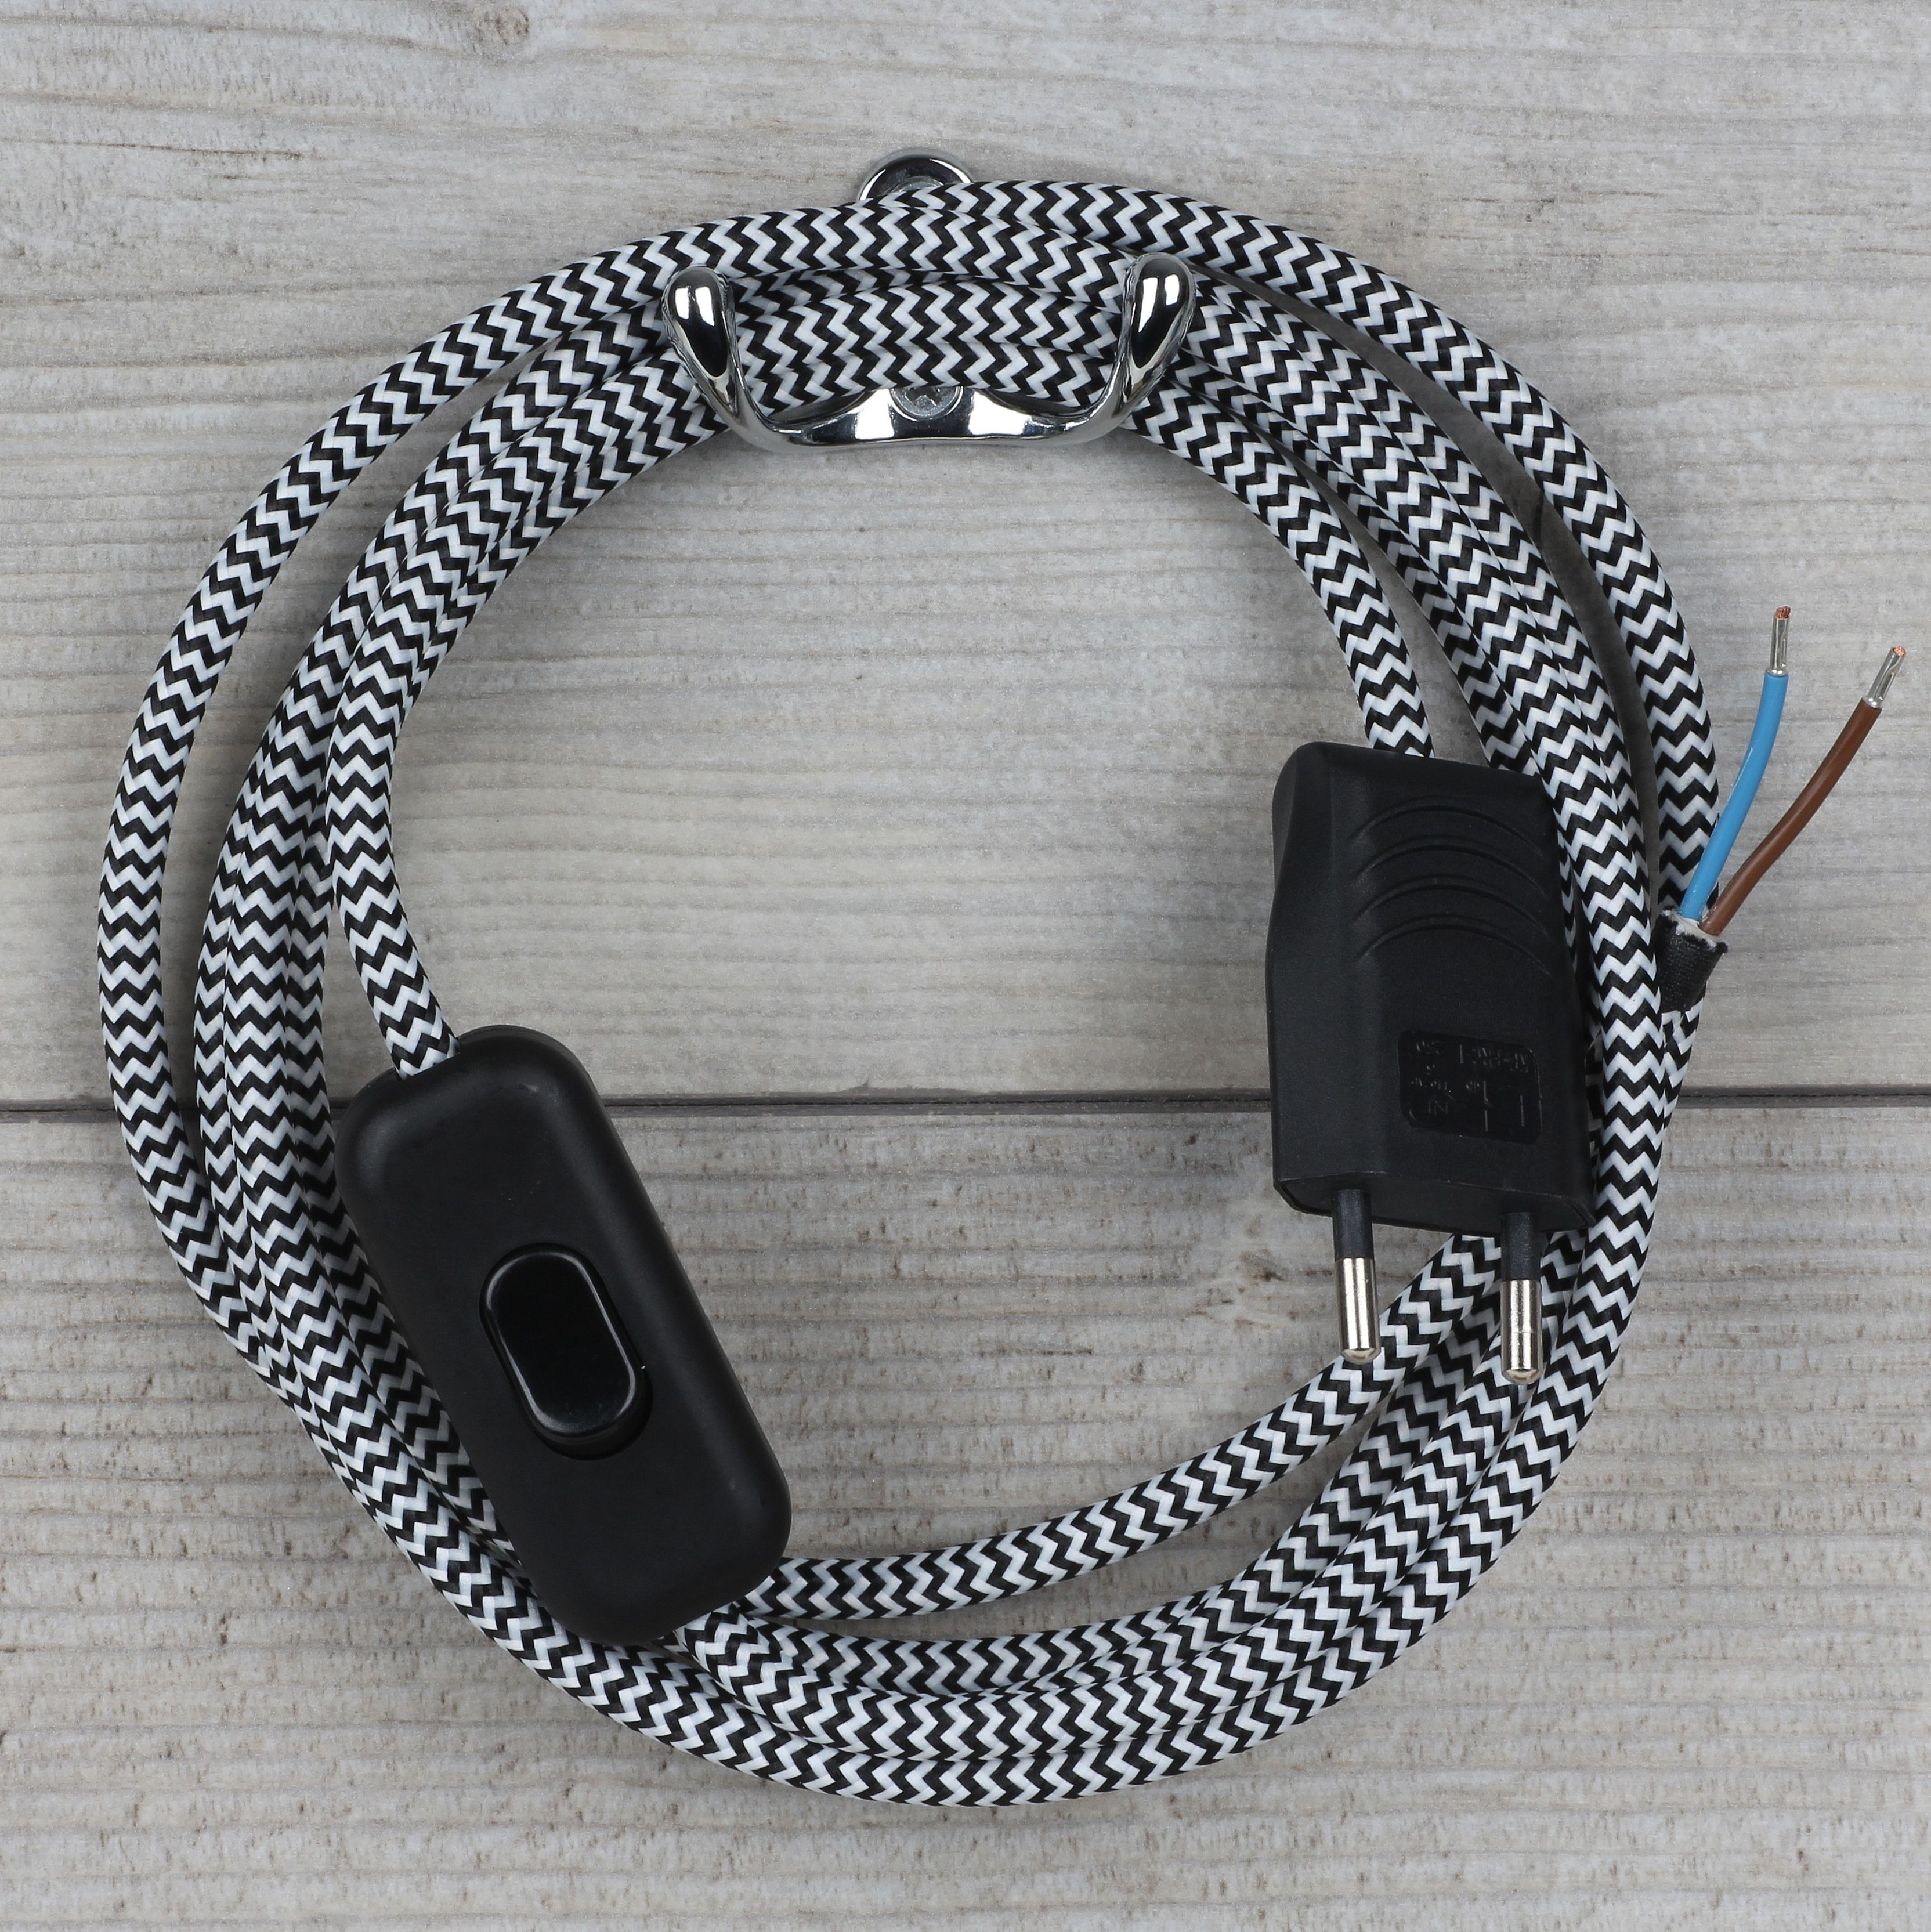 Textilkabel Anschlussleitung 2 5m Schwarz Weiaÿ Zick Zack Mit Schalter Und Euro Flachstecker Textilkabel Kabel Stecker